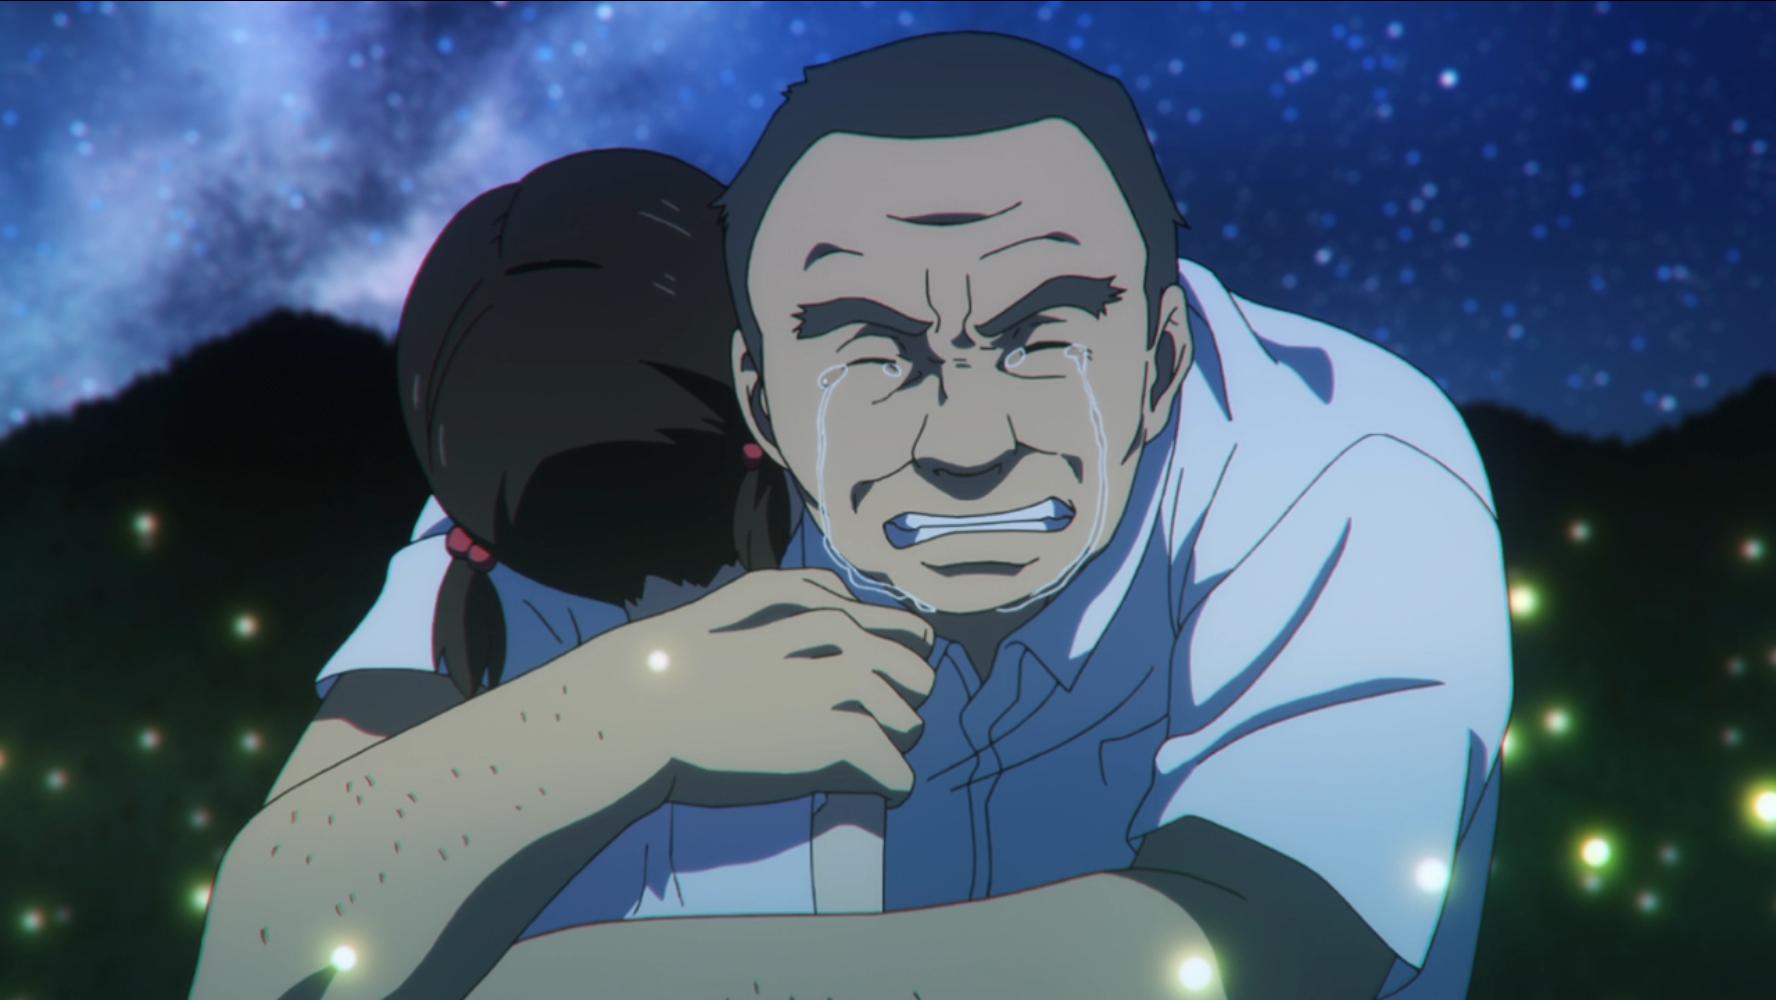 Llorando amargamente, el conductor del autobús abraza a un Nanaki en la forma de su joven hija fallecida en un campo iluminado por luciérnagas por la noche en una escena del anime televisivo The Lost Village de 2016.